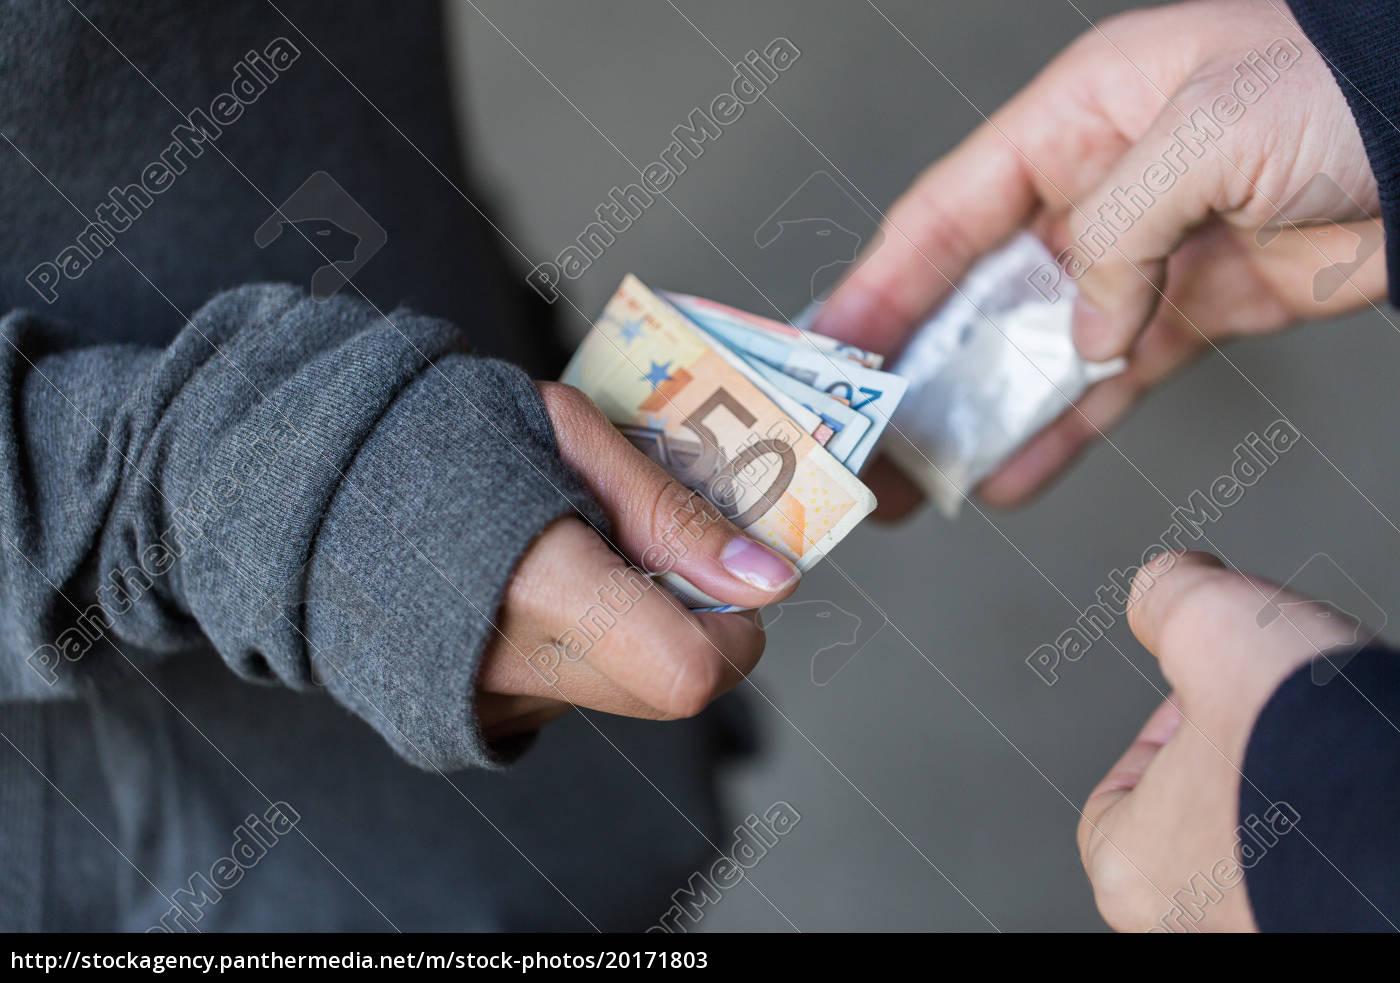 close, up, of, addict, buying, dose - 20171803